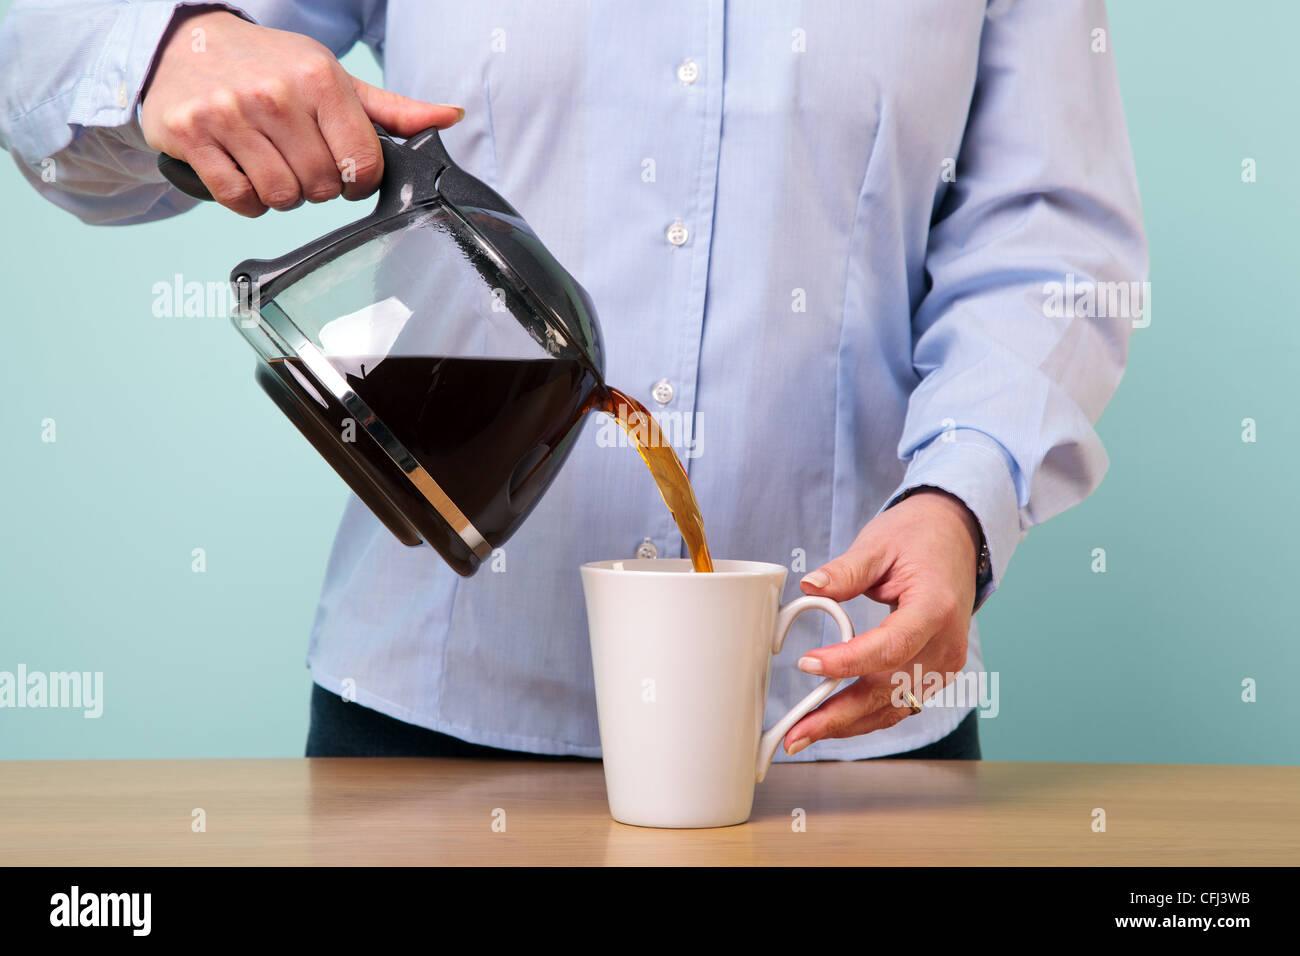 Foto di una donna per la sua rottura colata di se stessa una tazza calda di caffè filtrato da un vaso di vetro. Immagini Stock